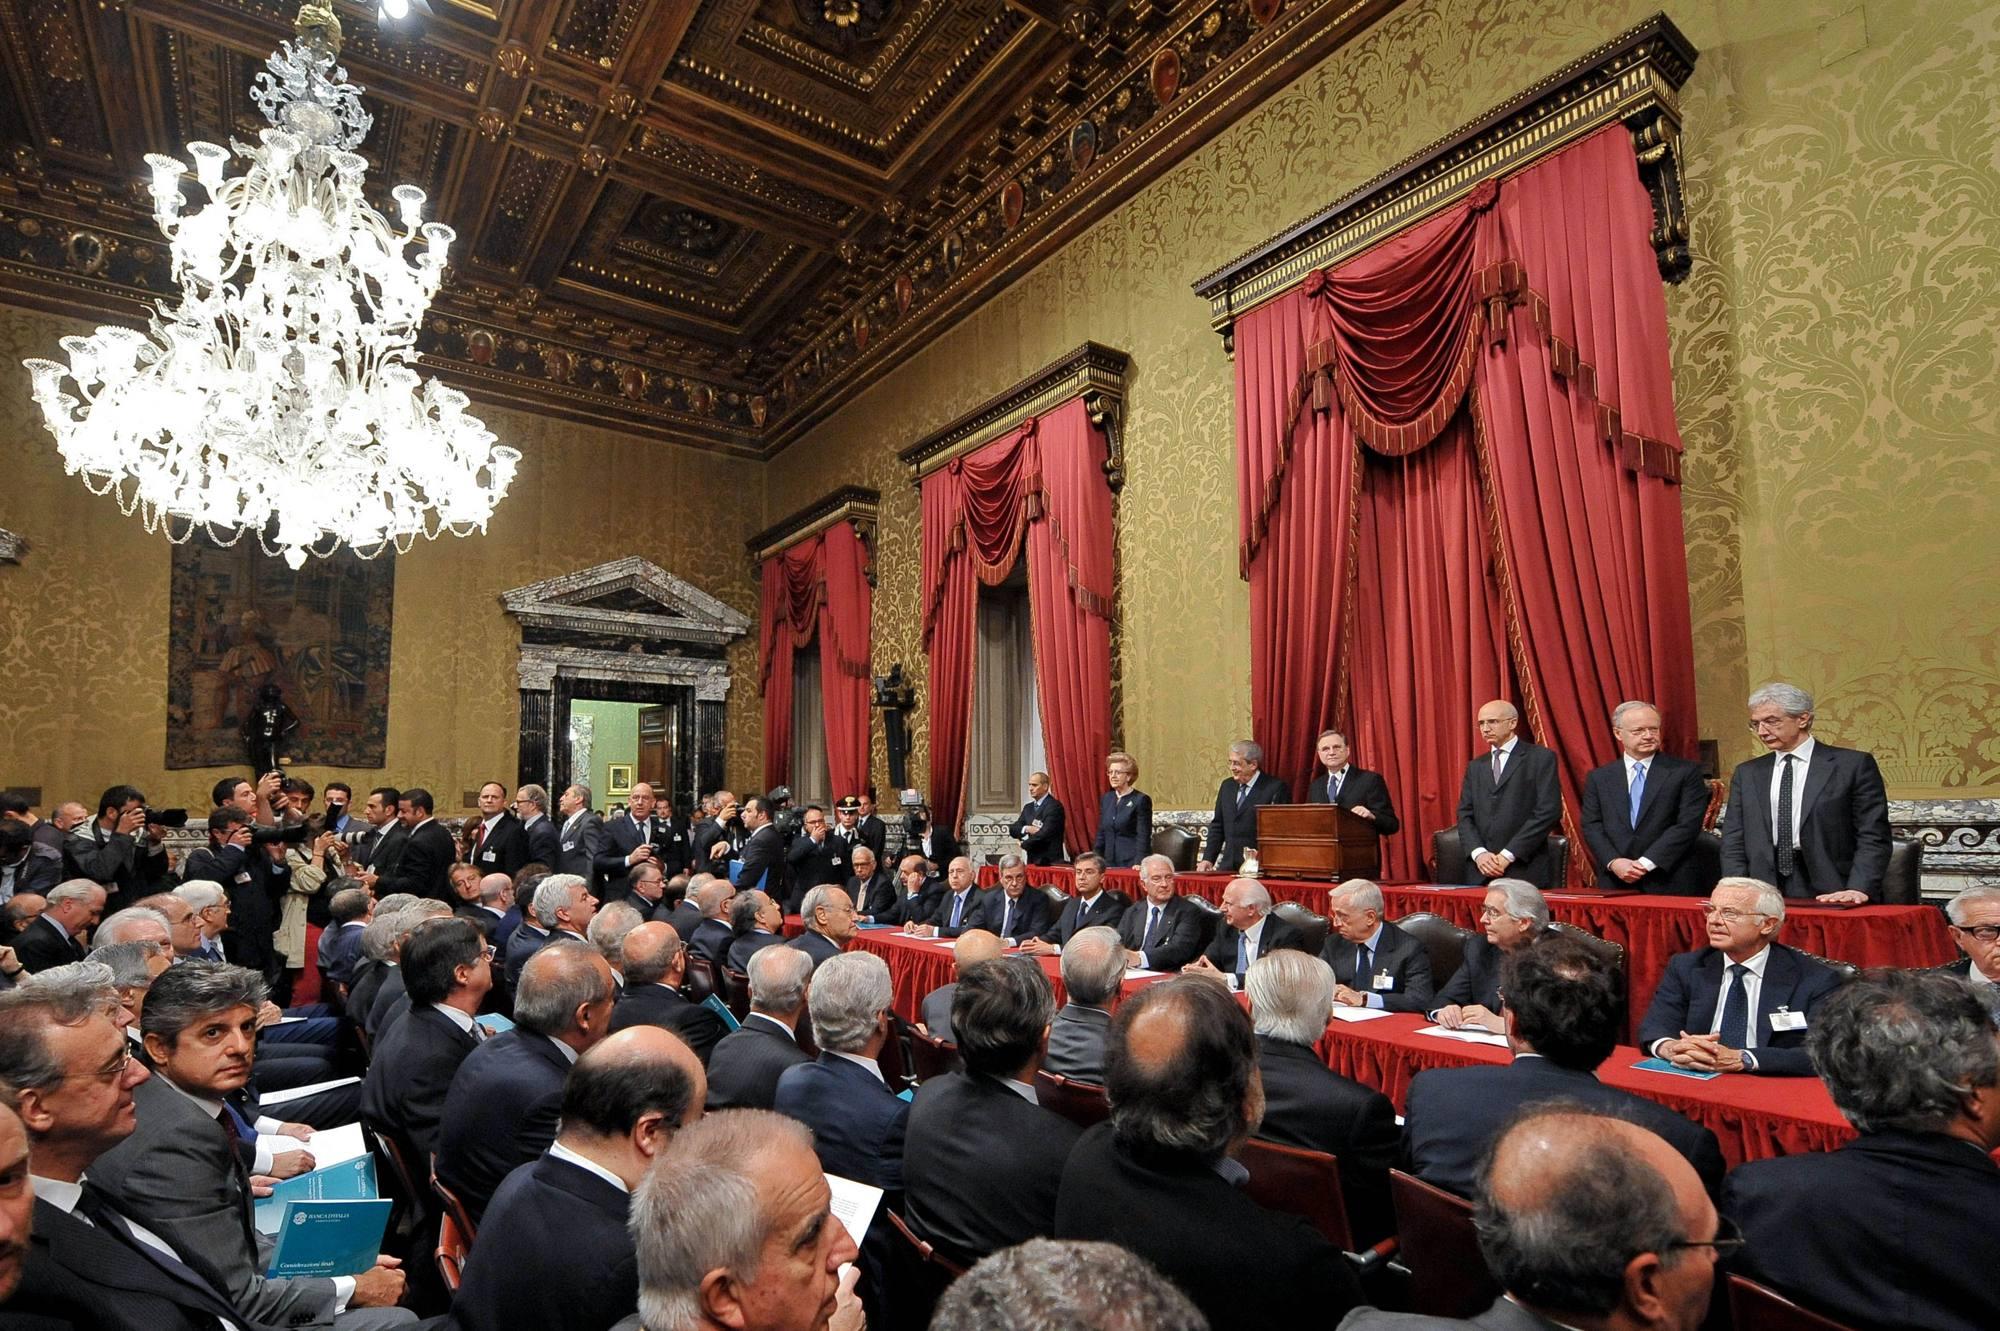 Assembela della Banca d'Italia (Imago)